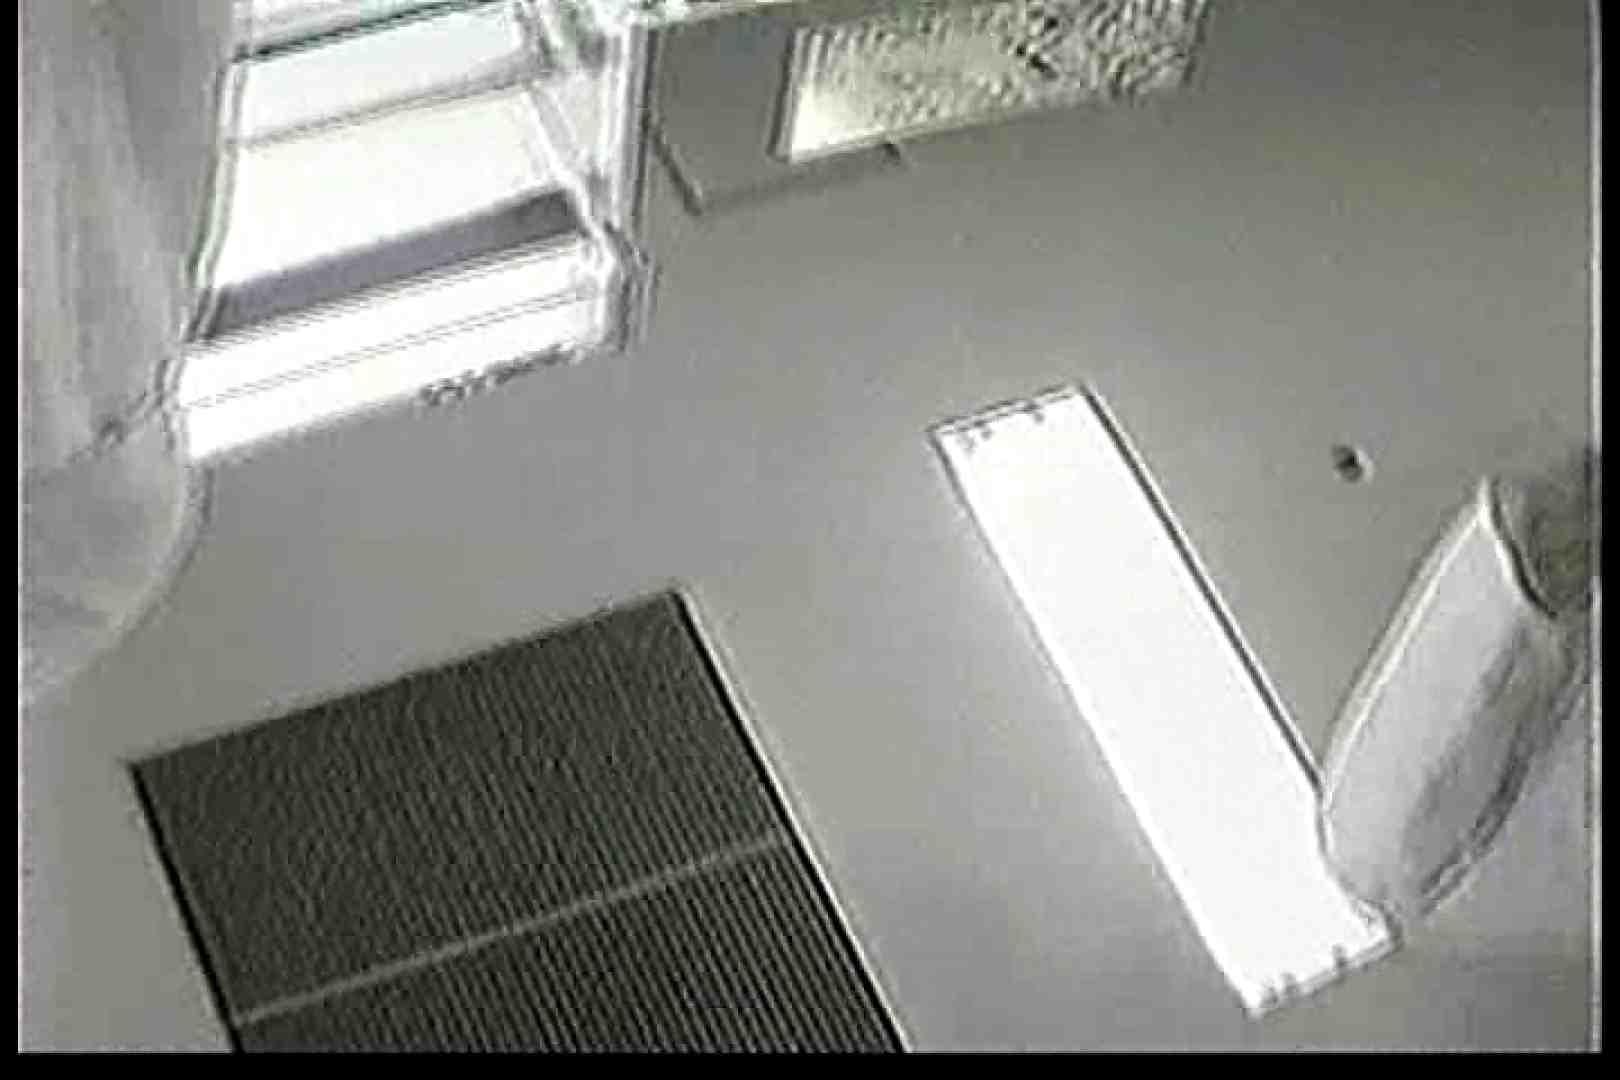 院内密着!看護婦達の下半身事情Vol.2 盗撮特集 のぞき動画キャプチャ 79画像 33